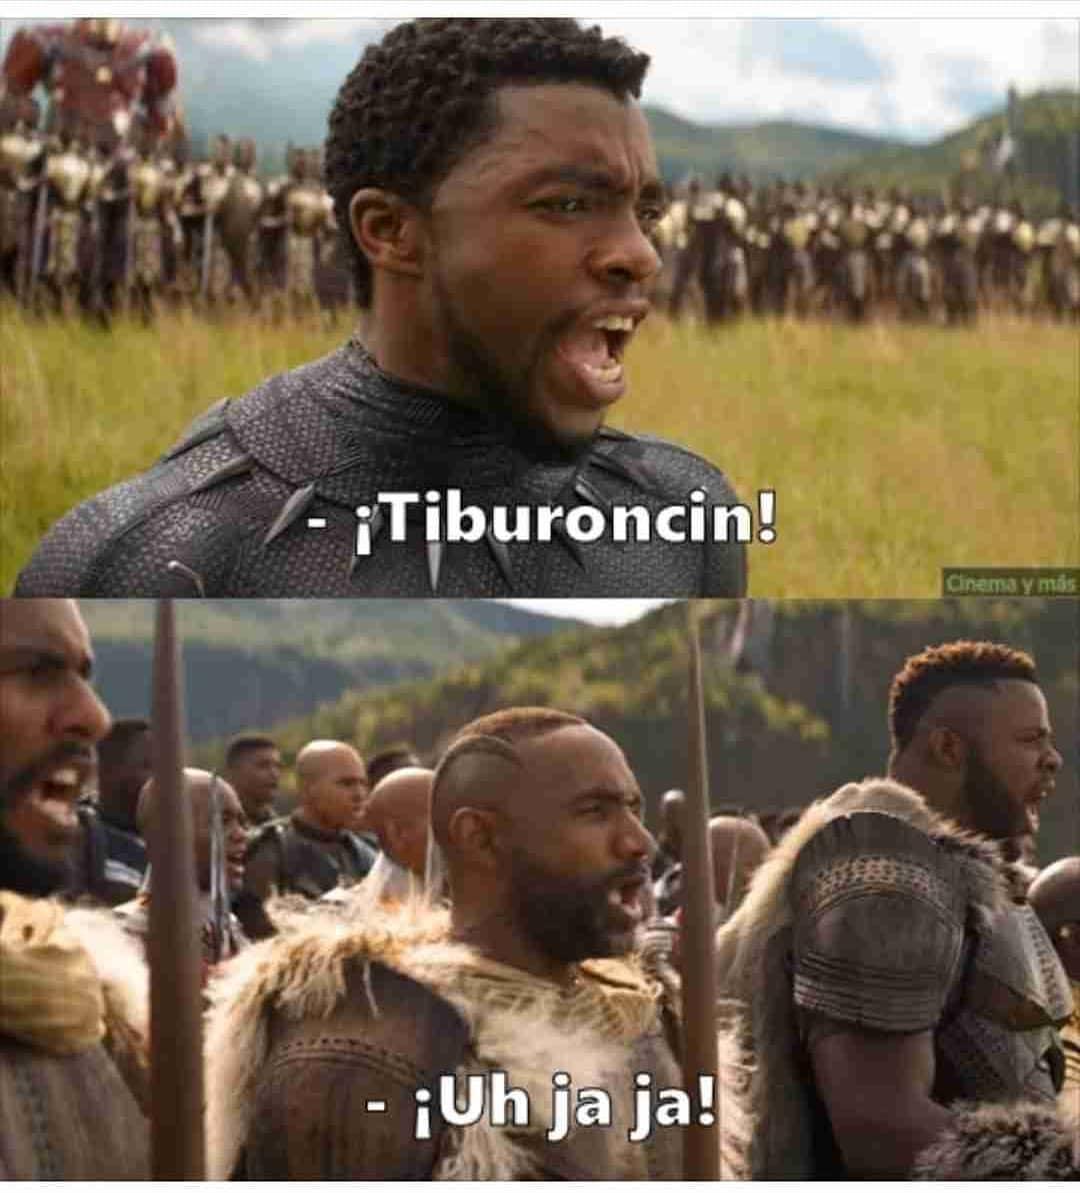 ¡Tiburoncin! ¡Uh jaja!